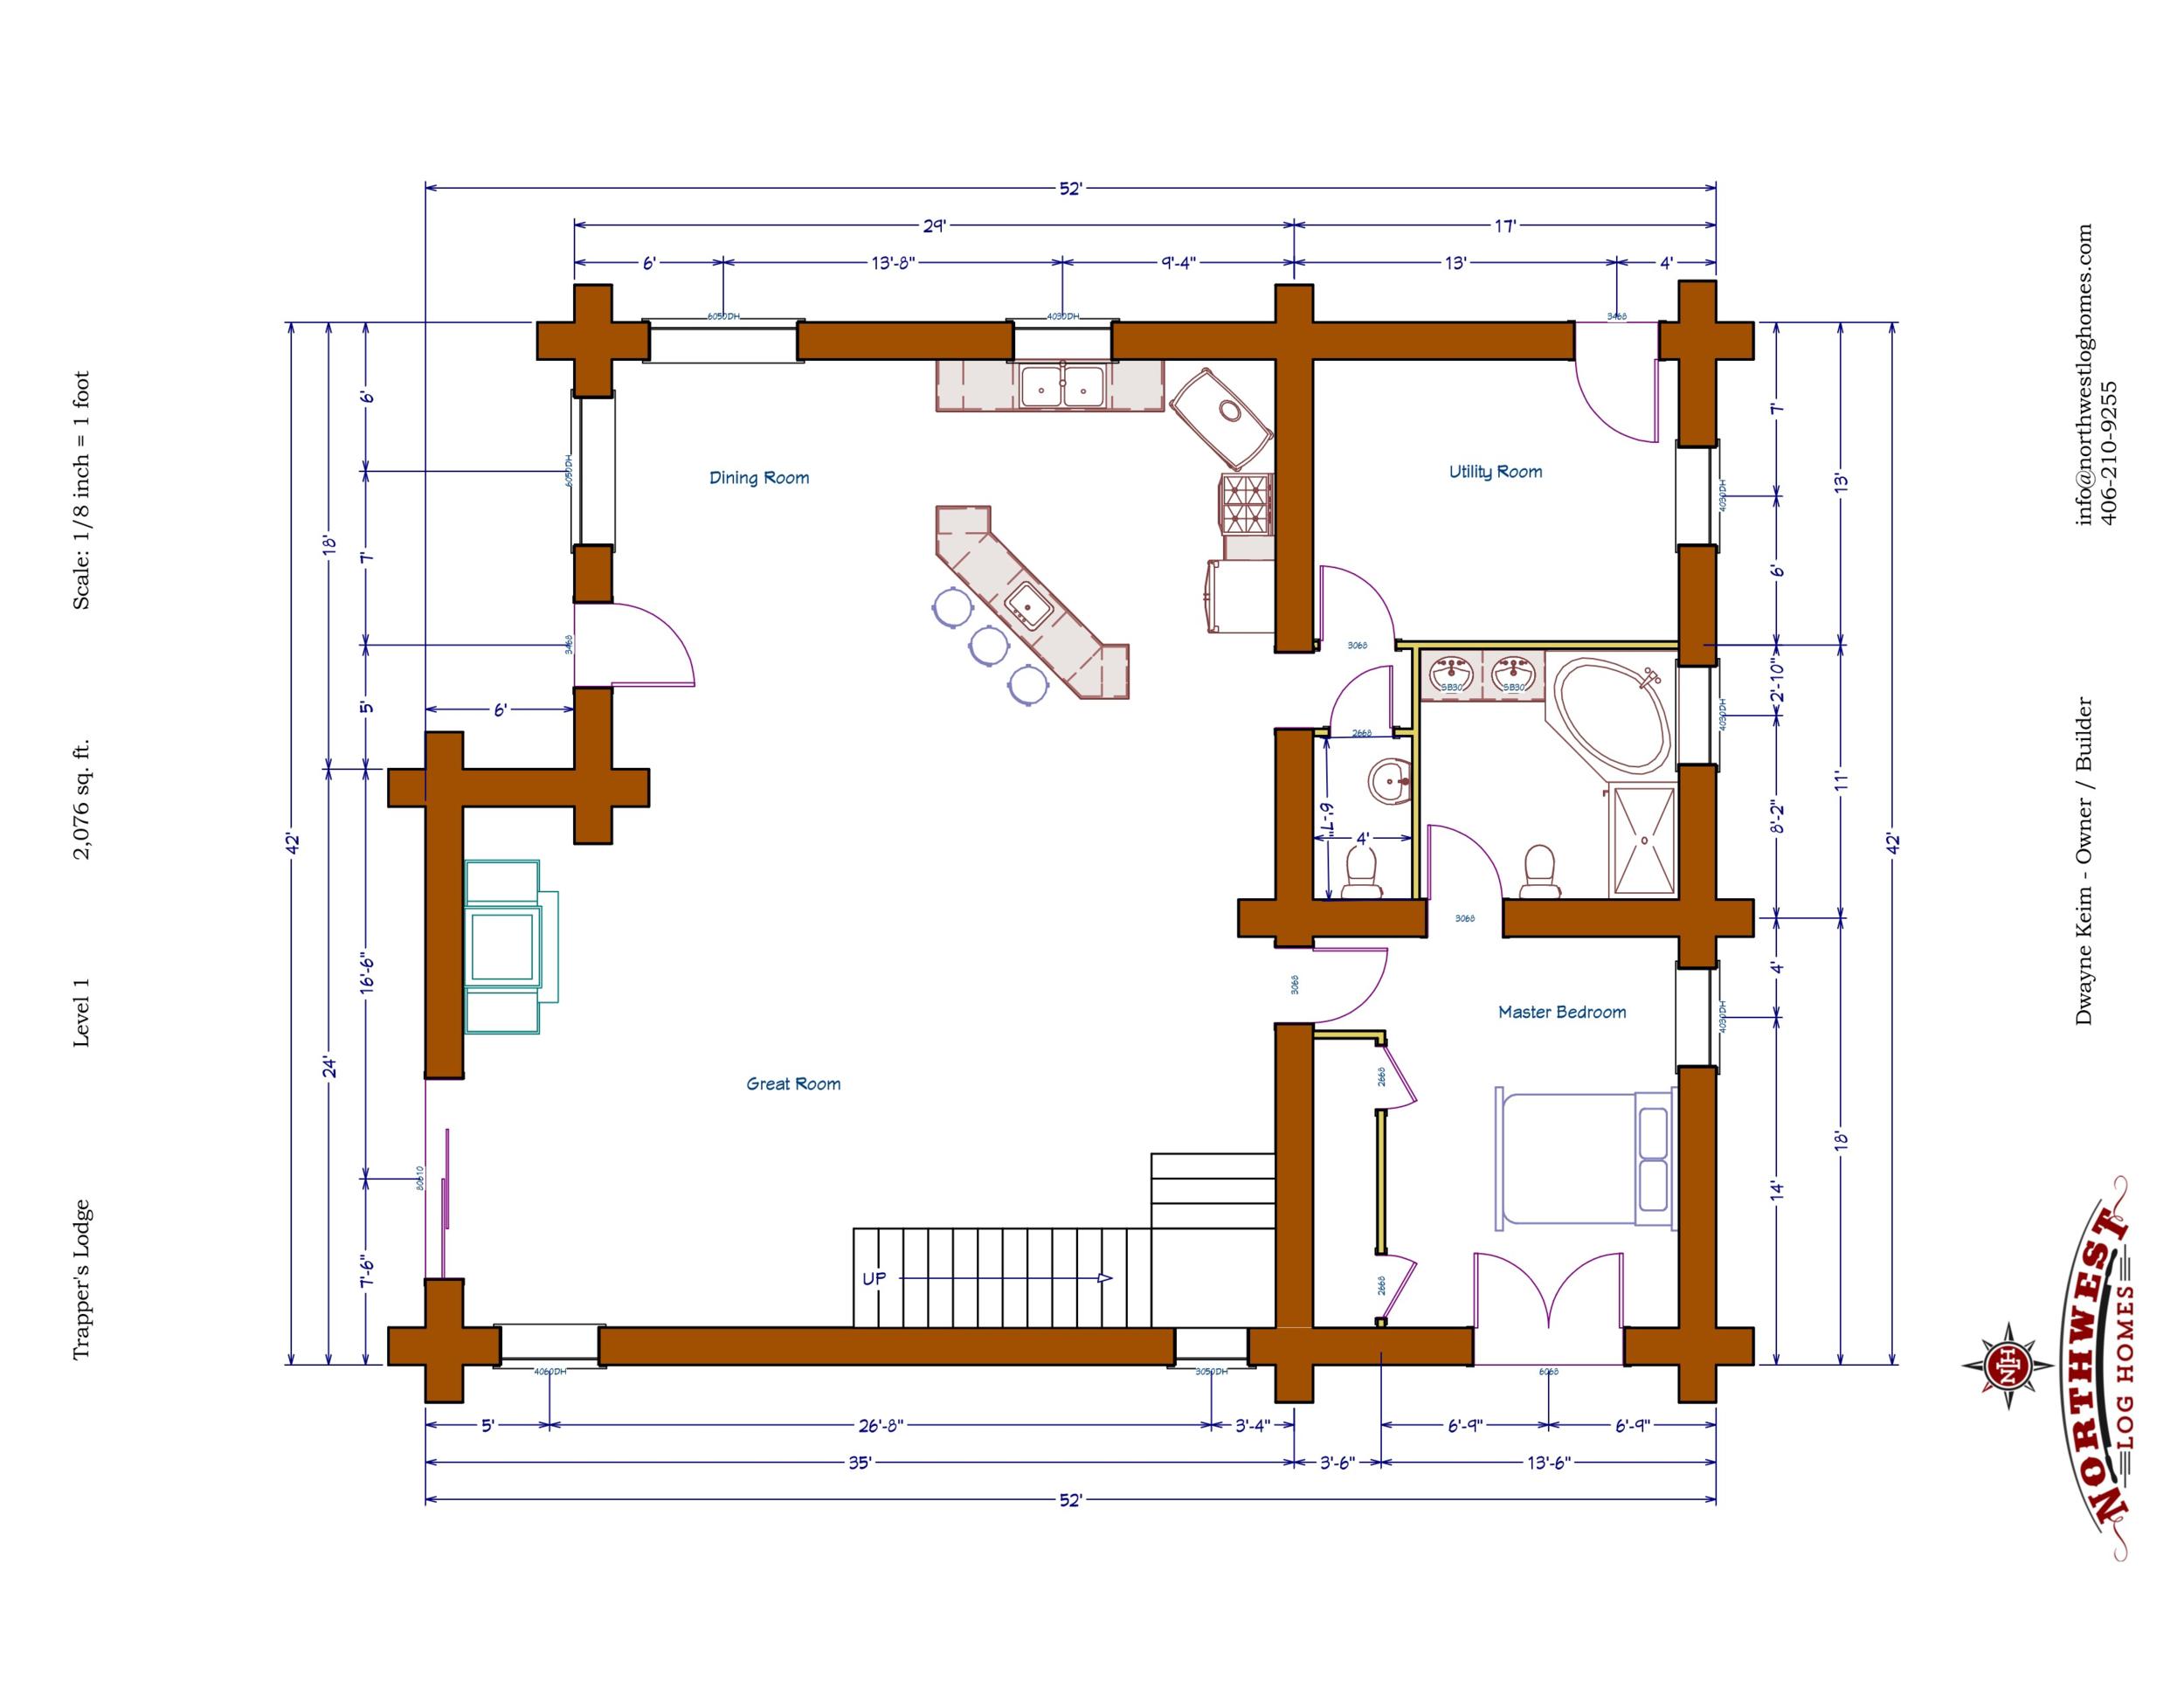 Main Floor - 2,076 sq. ft.